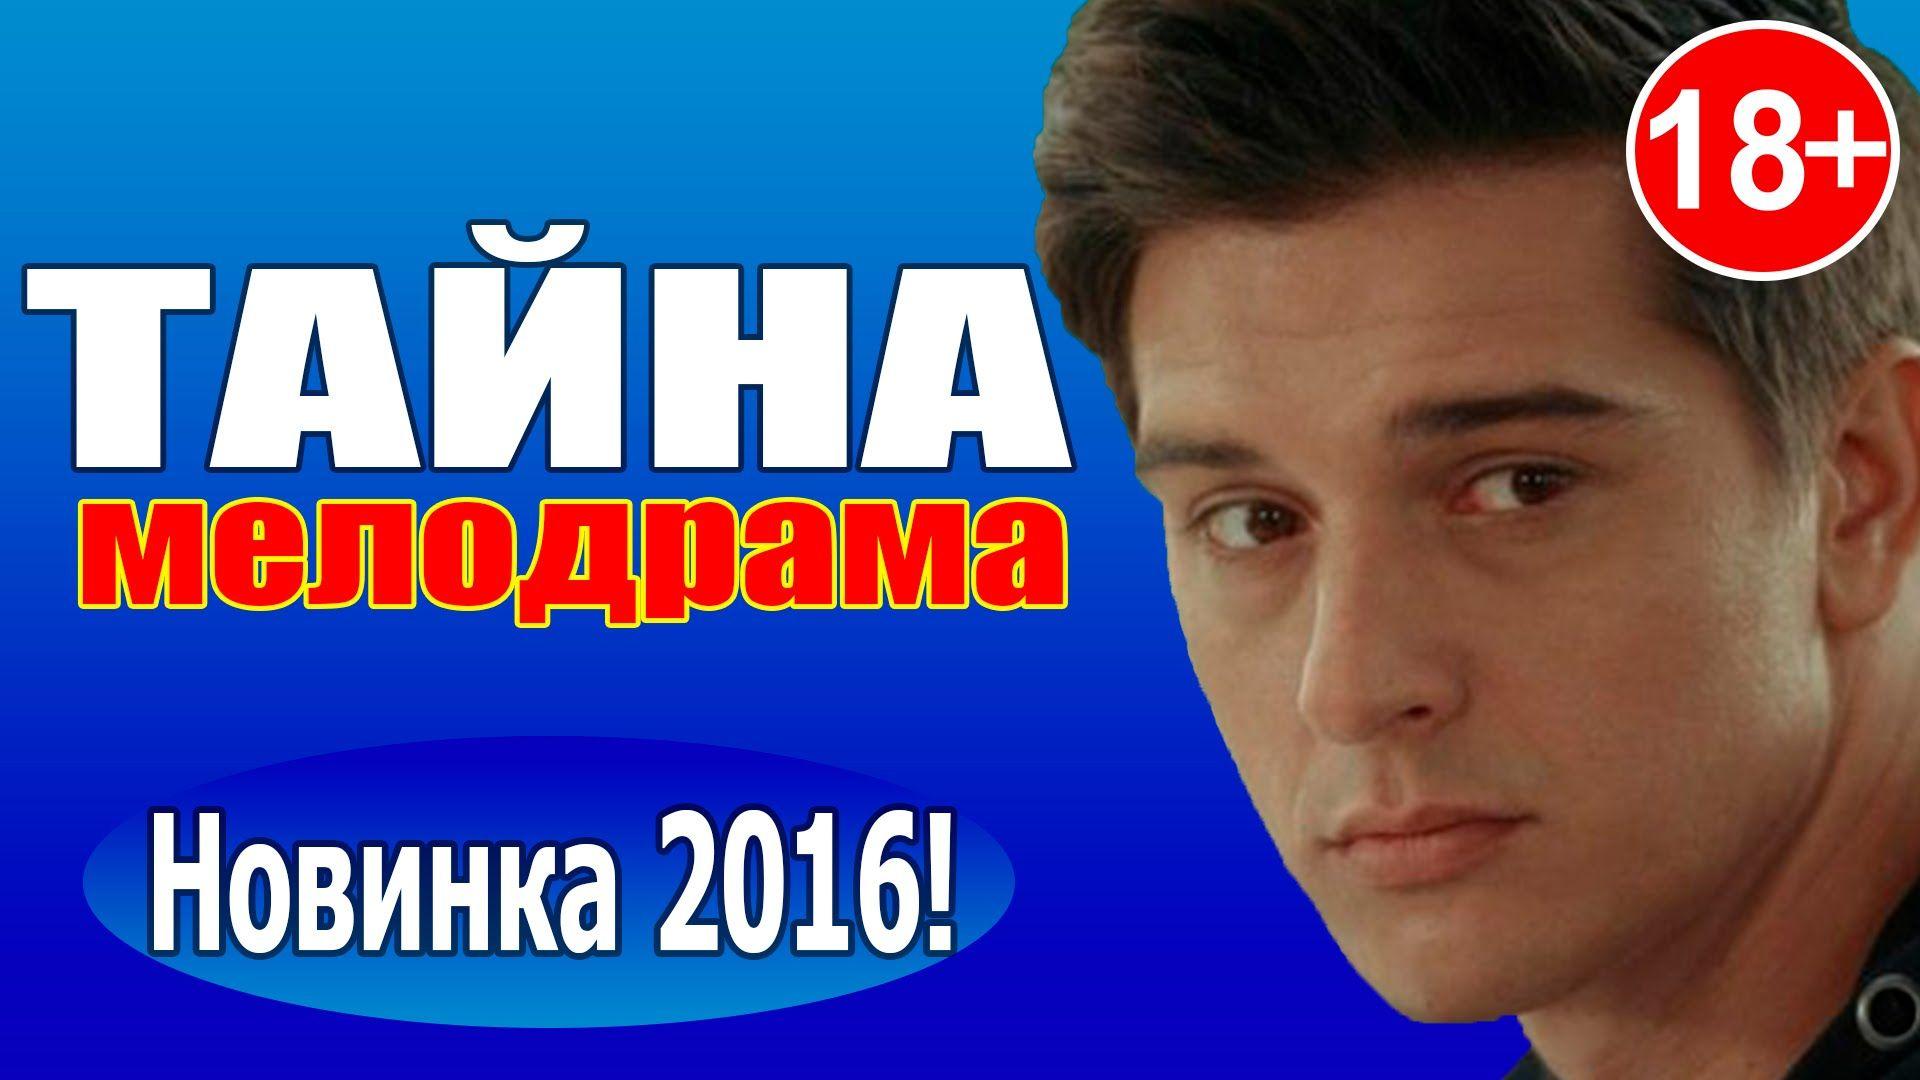 Сериал прислужница с рублевки 2016 скачать торрент.